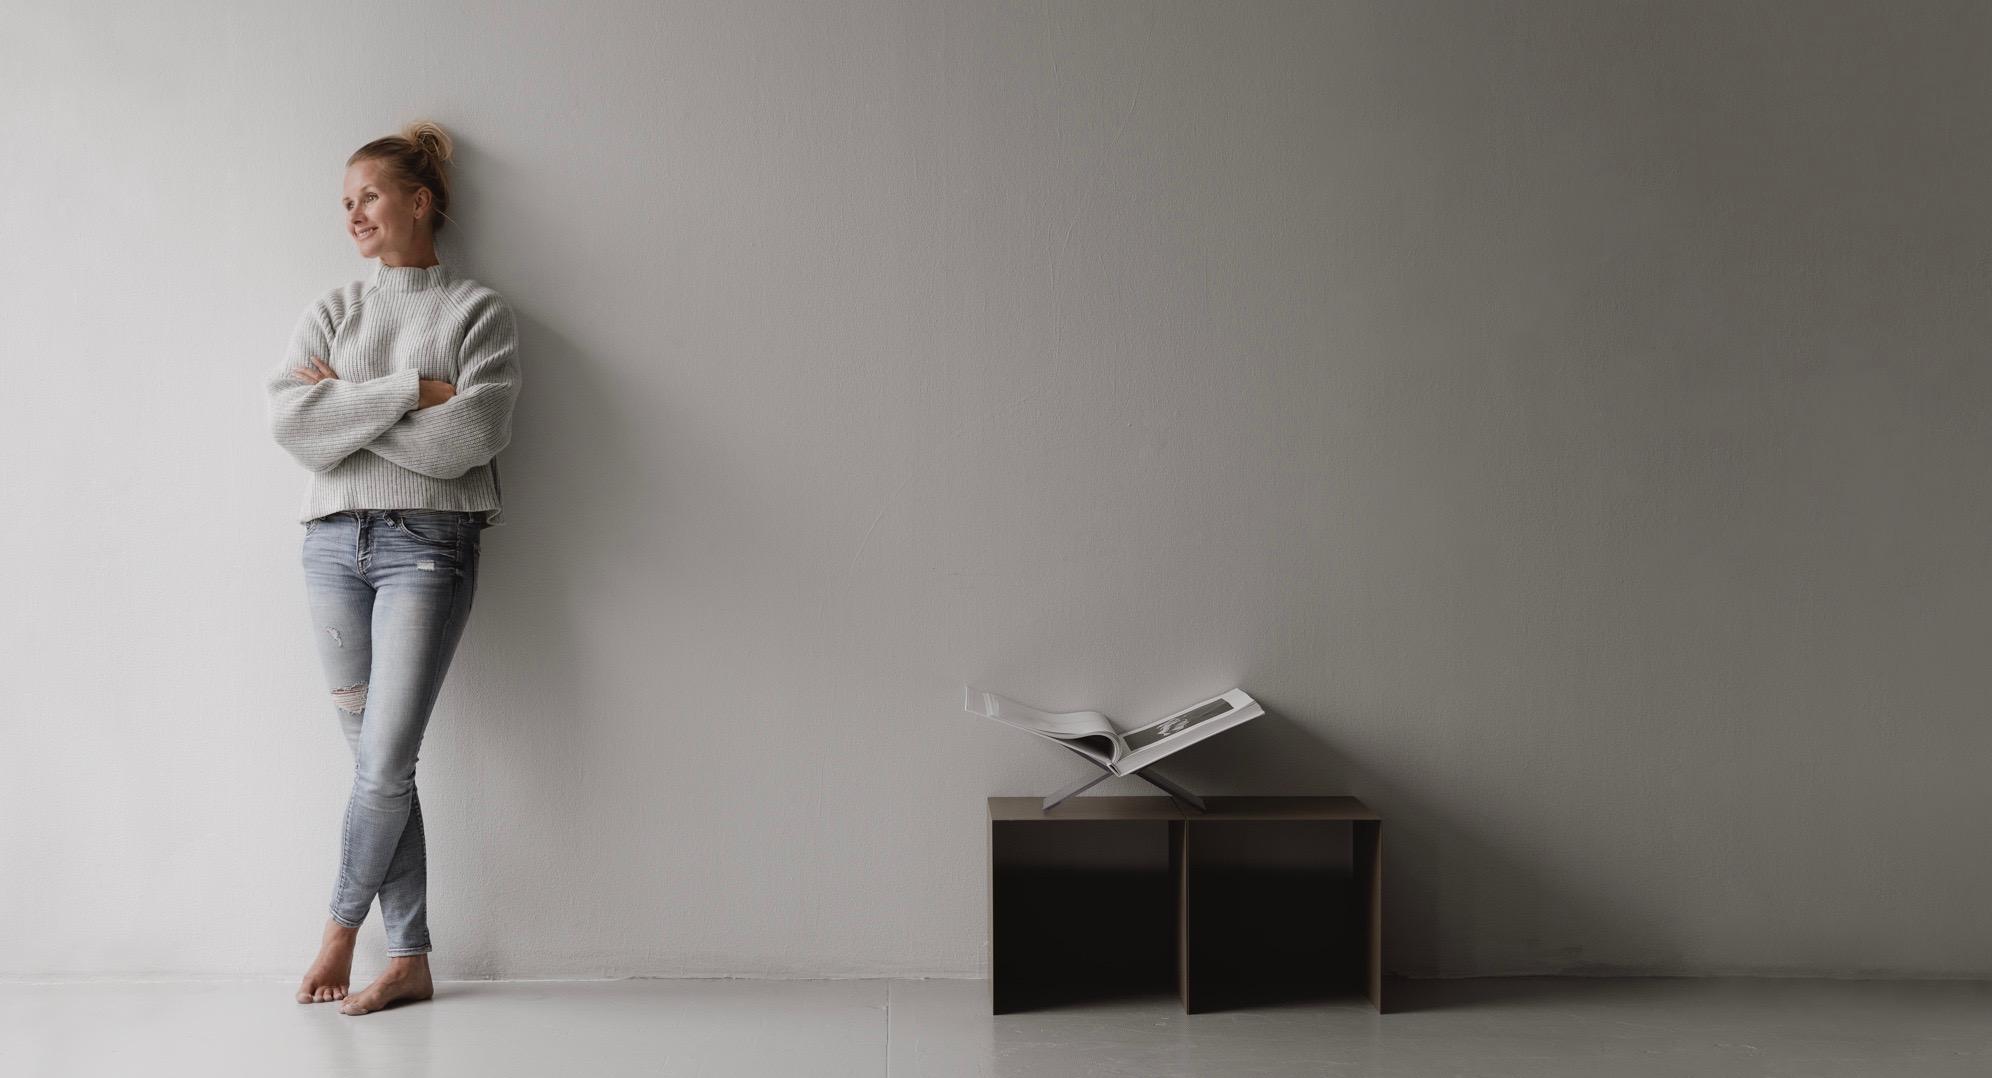 Svenske Pella Hedeby driver insporasjonsbloggen, STIL INSPIRATION, og har den siste tiden også jobbet tett på populære Lotta Agaton. Til Bergen kommer hun med tog og ser frem til å holde årets trendforedrag med vekt på miljøspørsmål for engasjerte publikummere.  Foto: Alicia Sjøstrøm